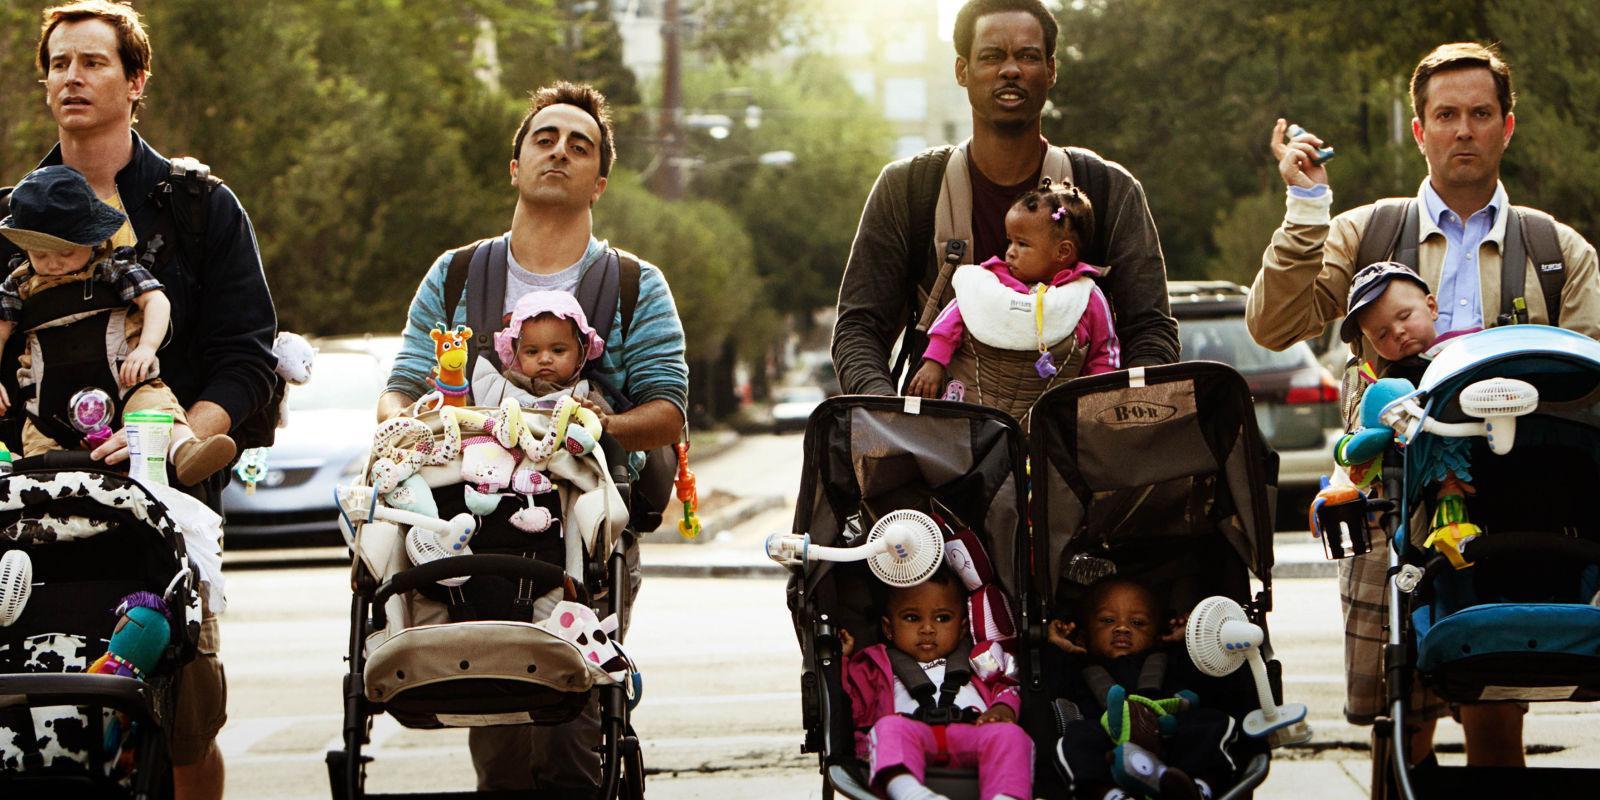 Leggende metropolitane: 10 modi per non restare incinta (che non funzionano assolutamente)